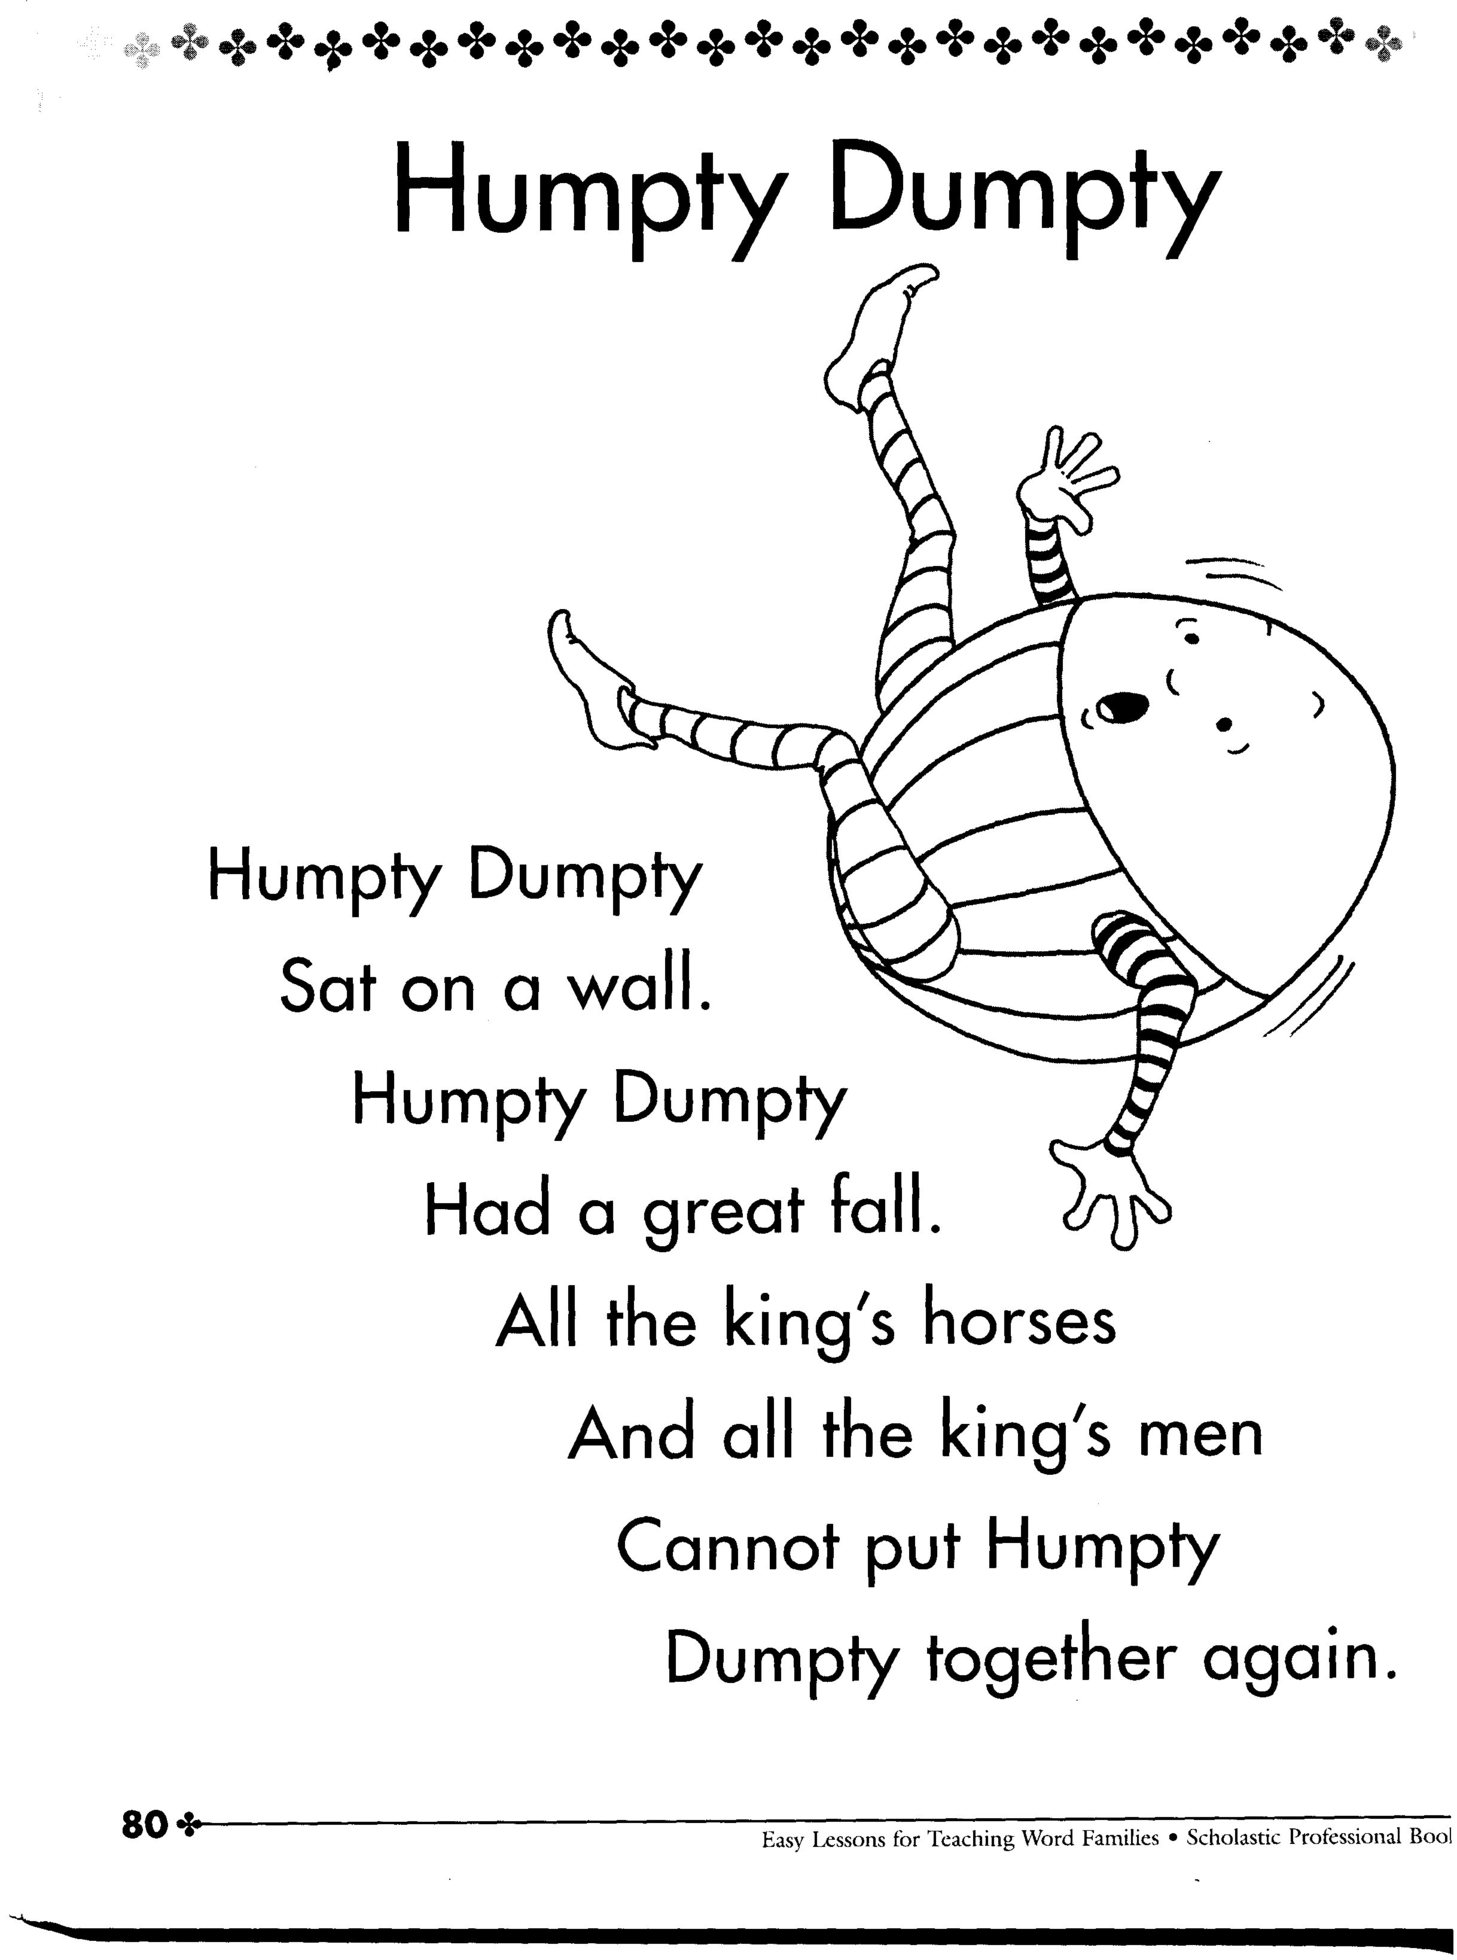 Humpty Dumpty Movie Pictures